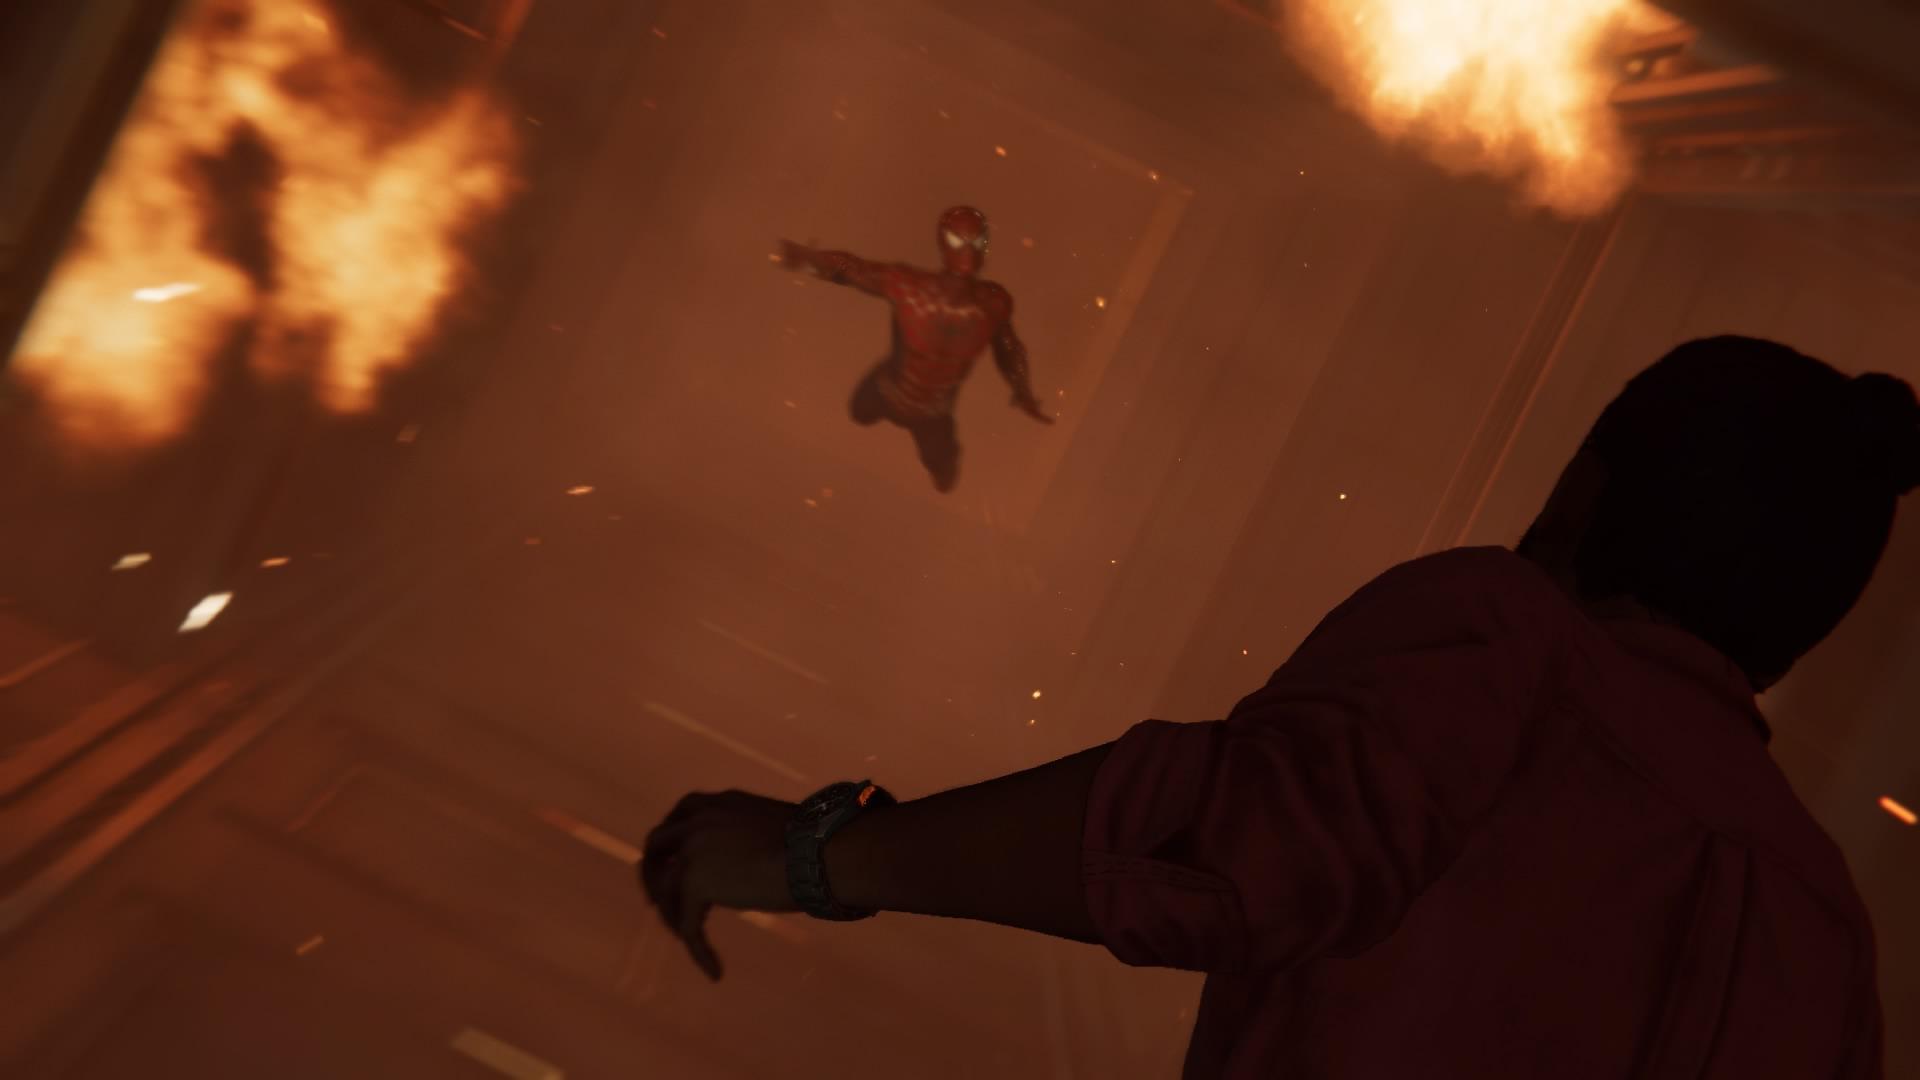 落ちる人を助けるスパイダーマン